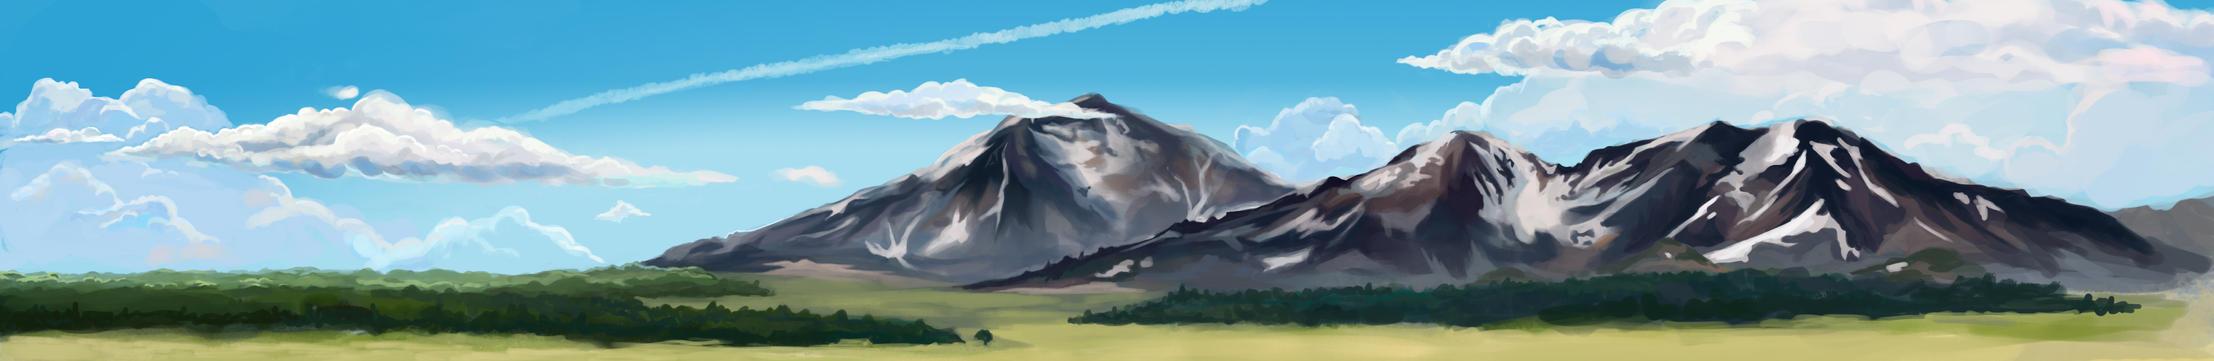 Landscape-sketch by WayfarerArt